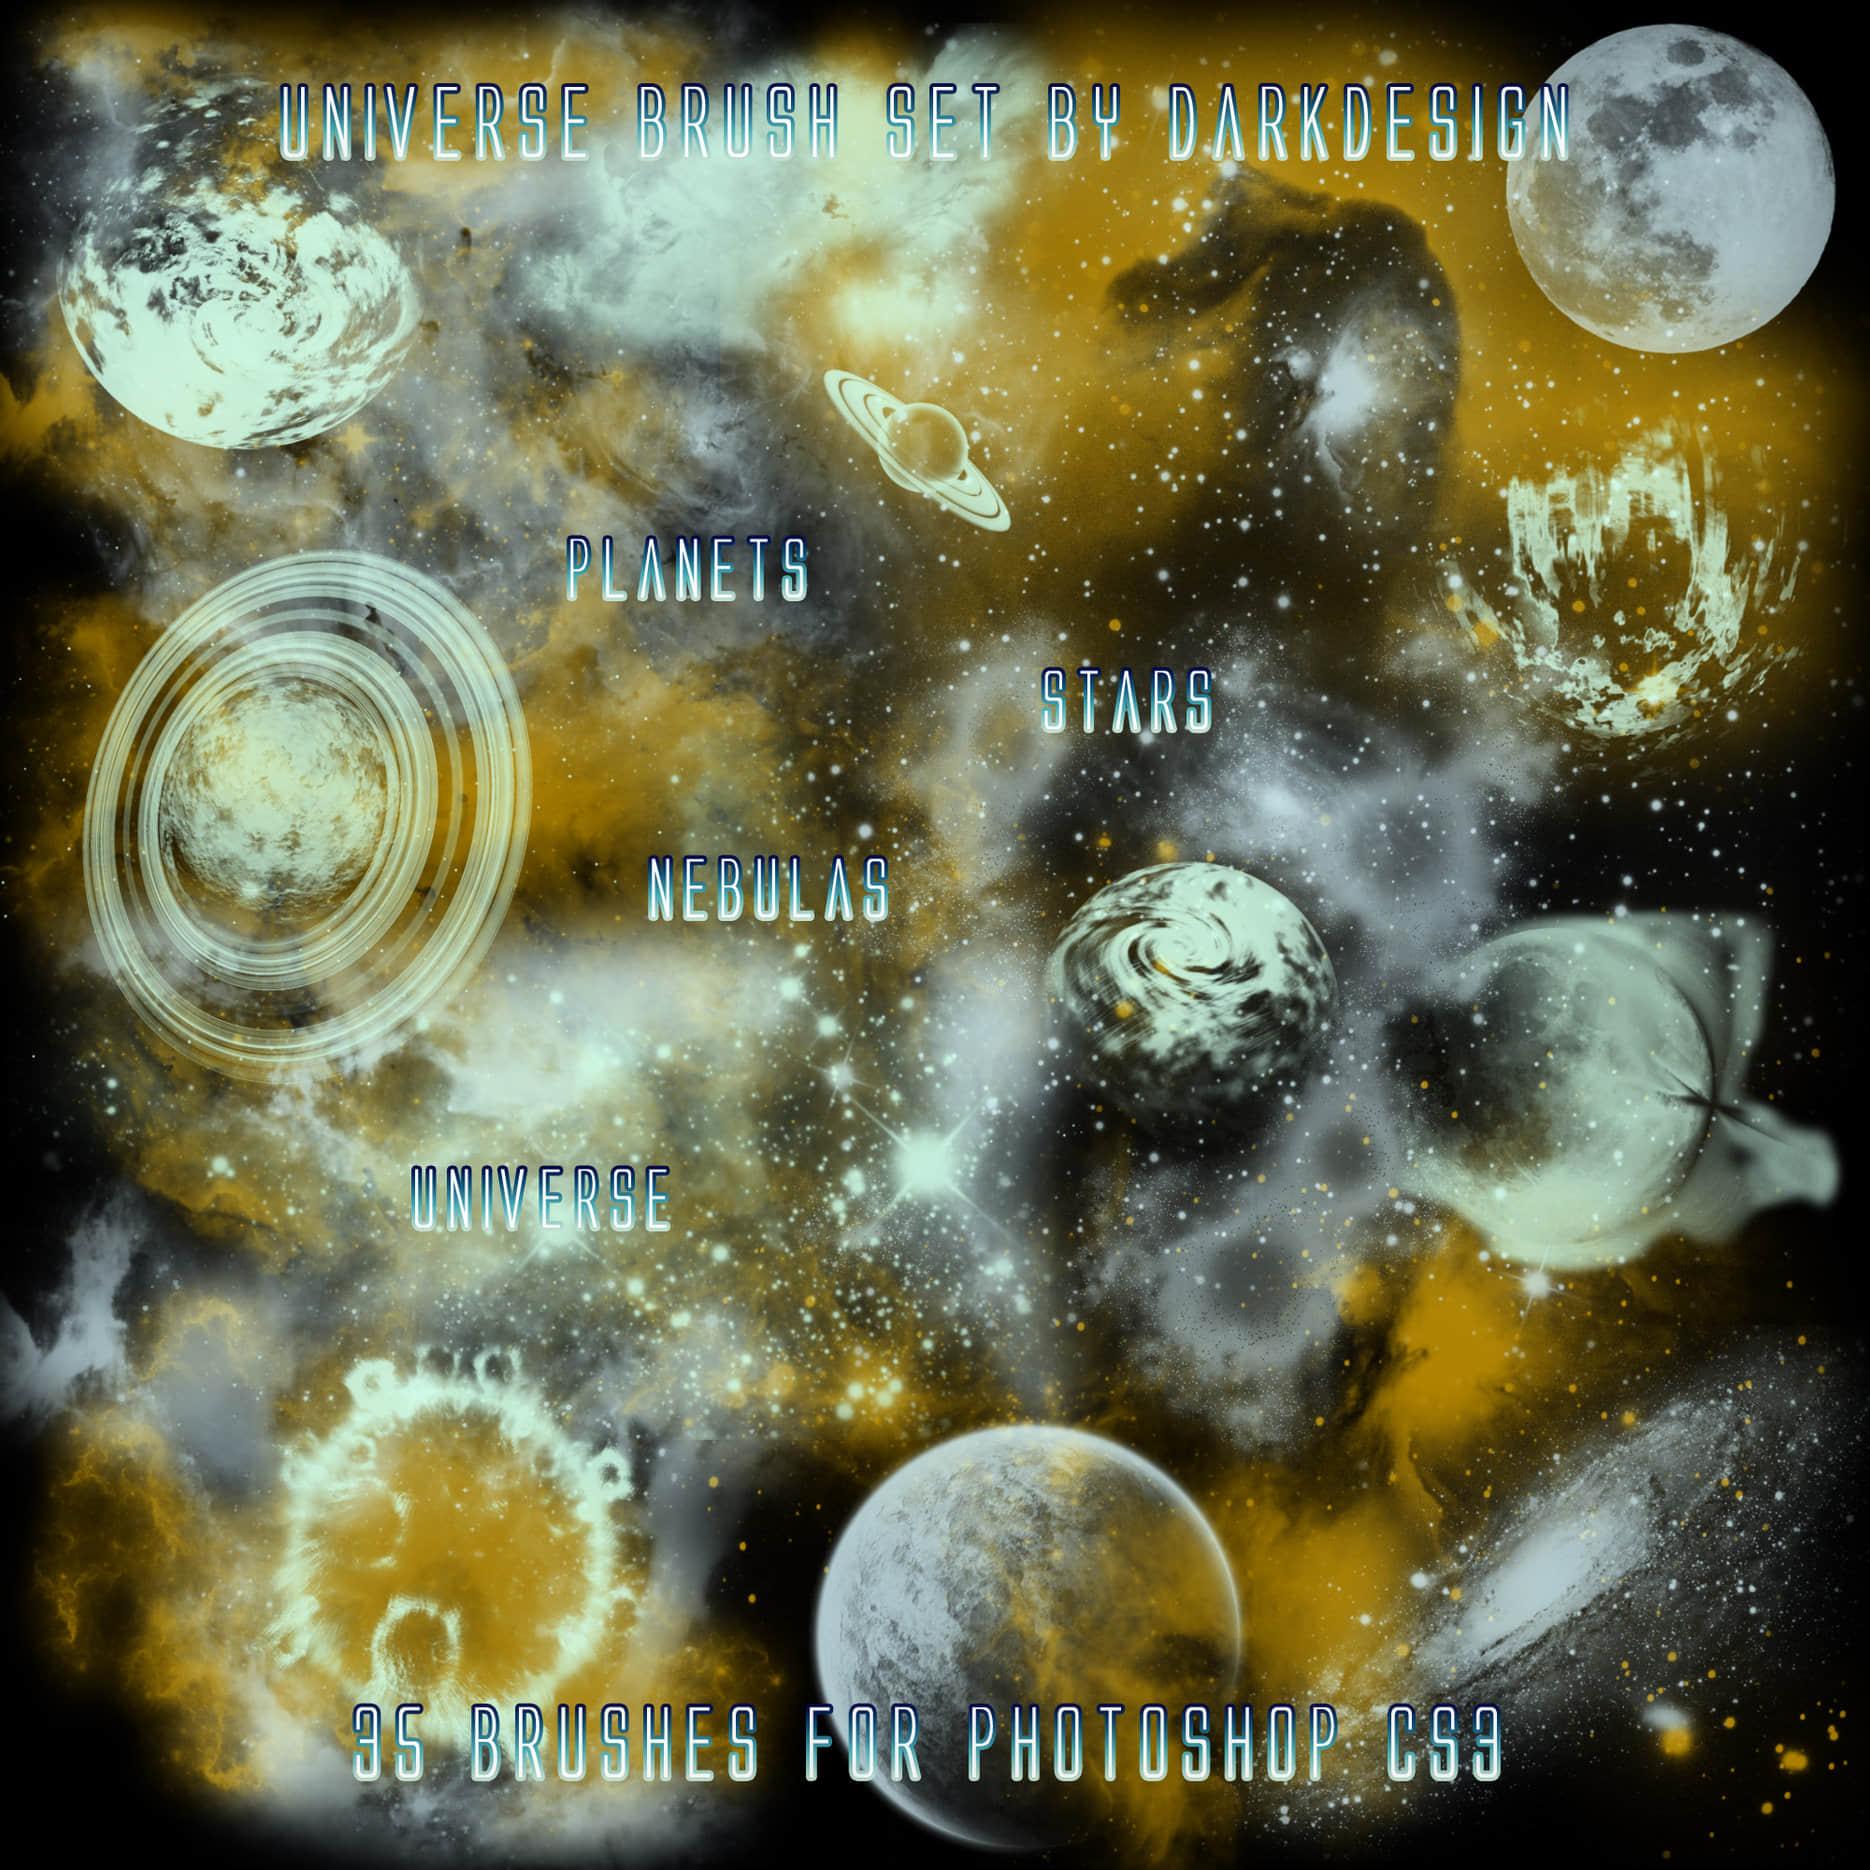 宇宙星空、星球、月球Photoshop笔刷